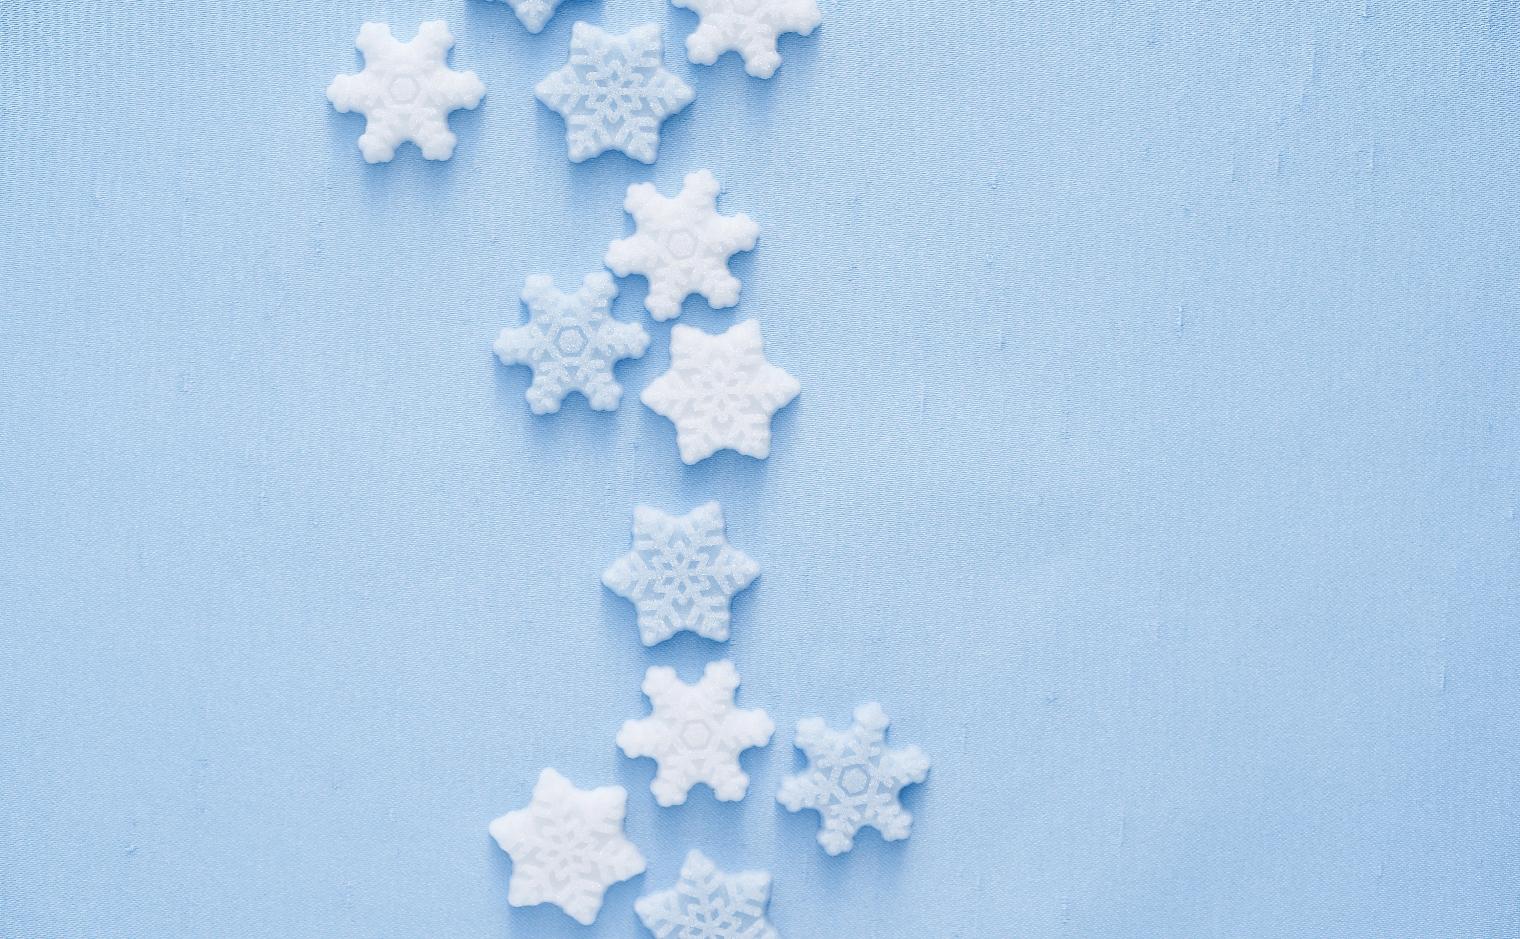 デザインシュガー,物語のある砂糖,冬,雪,結晶,雪結晶,スノー,snow